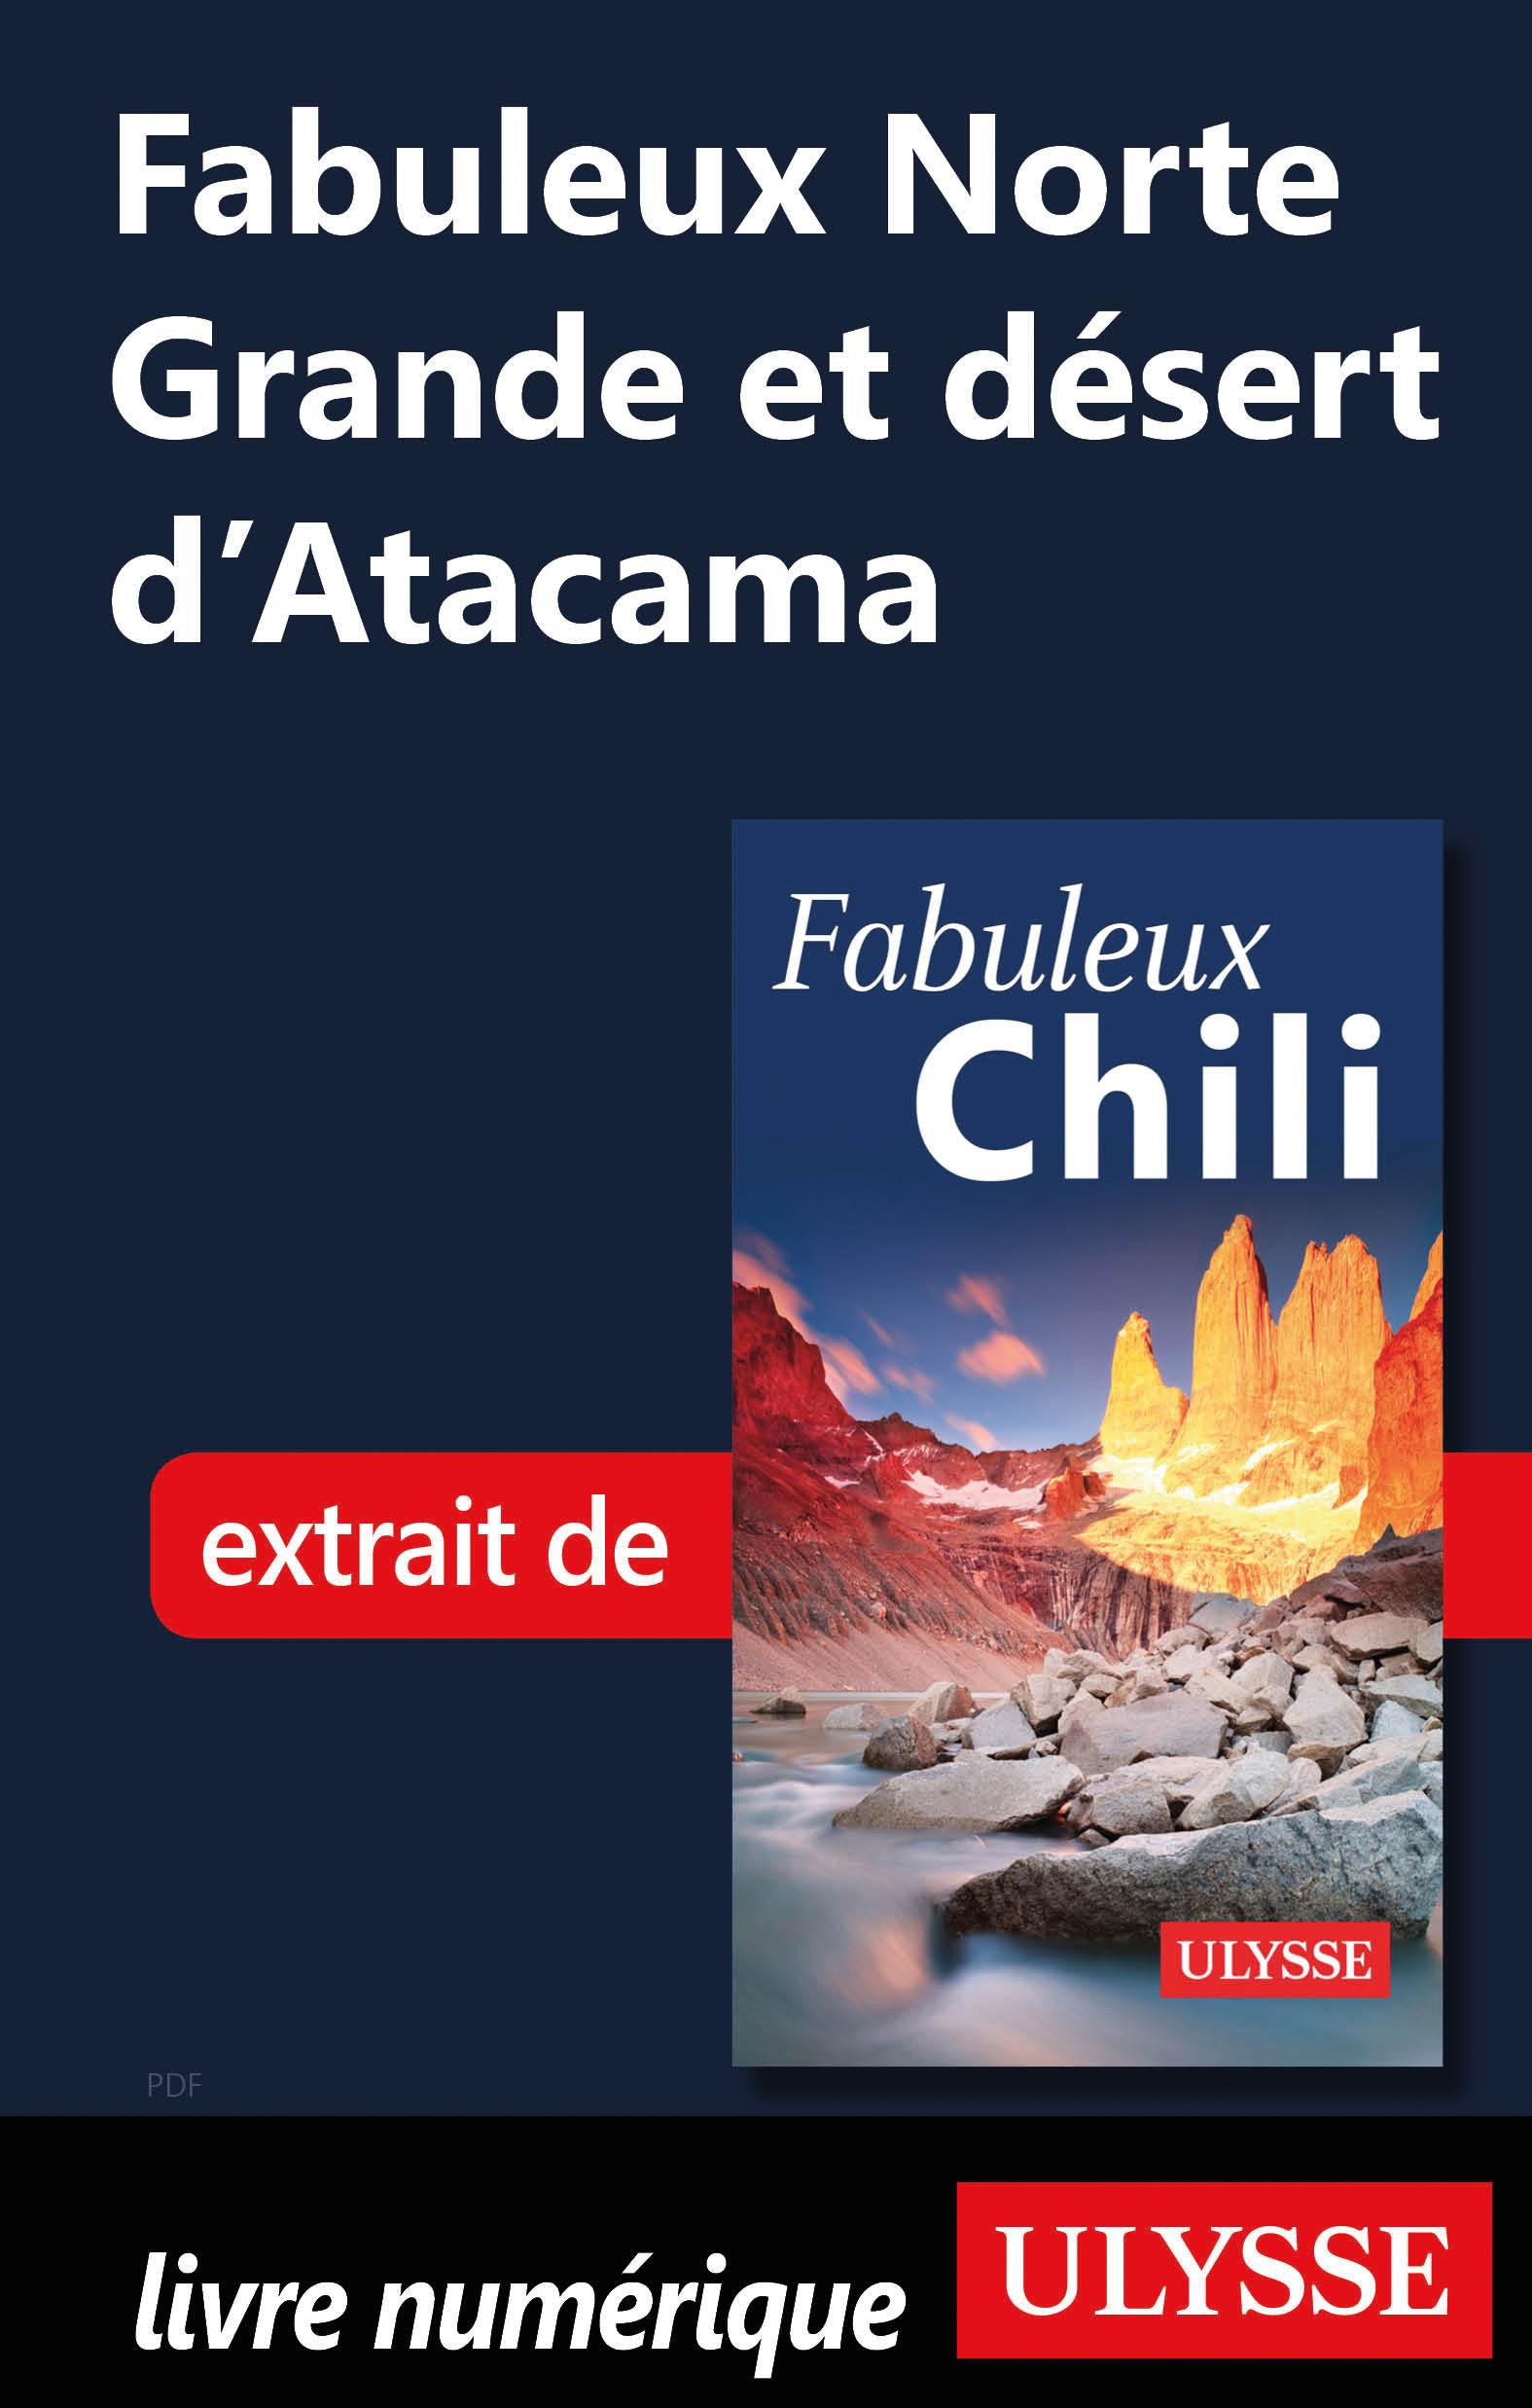 Fabuleux Norte Grande et désert d'Atacama (Chili)